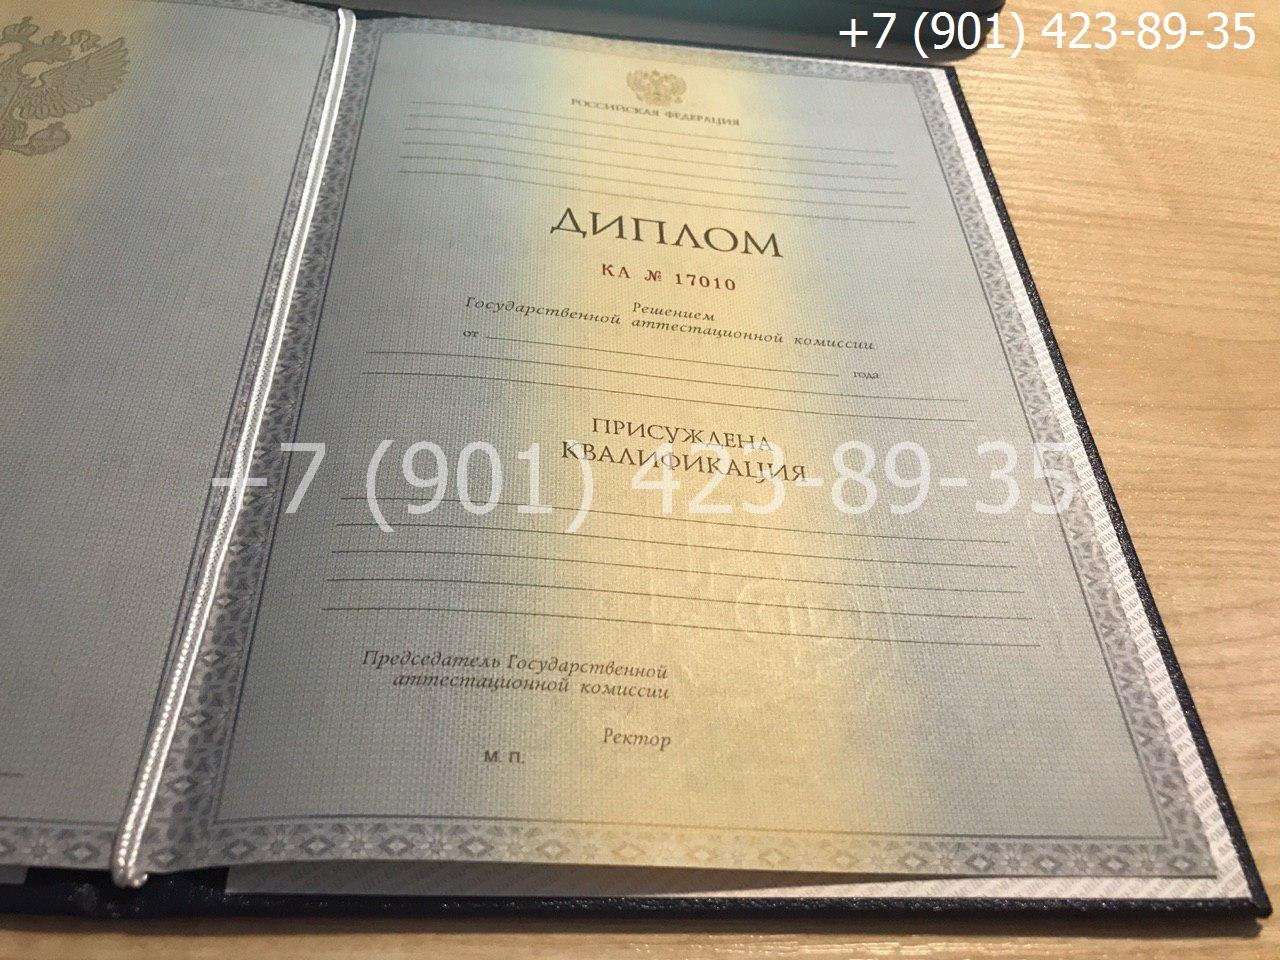 Диплом специалиста 2011-2013 годов, старого образца, титульный лист